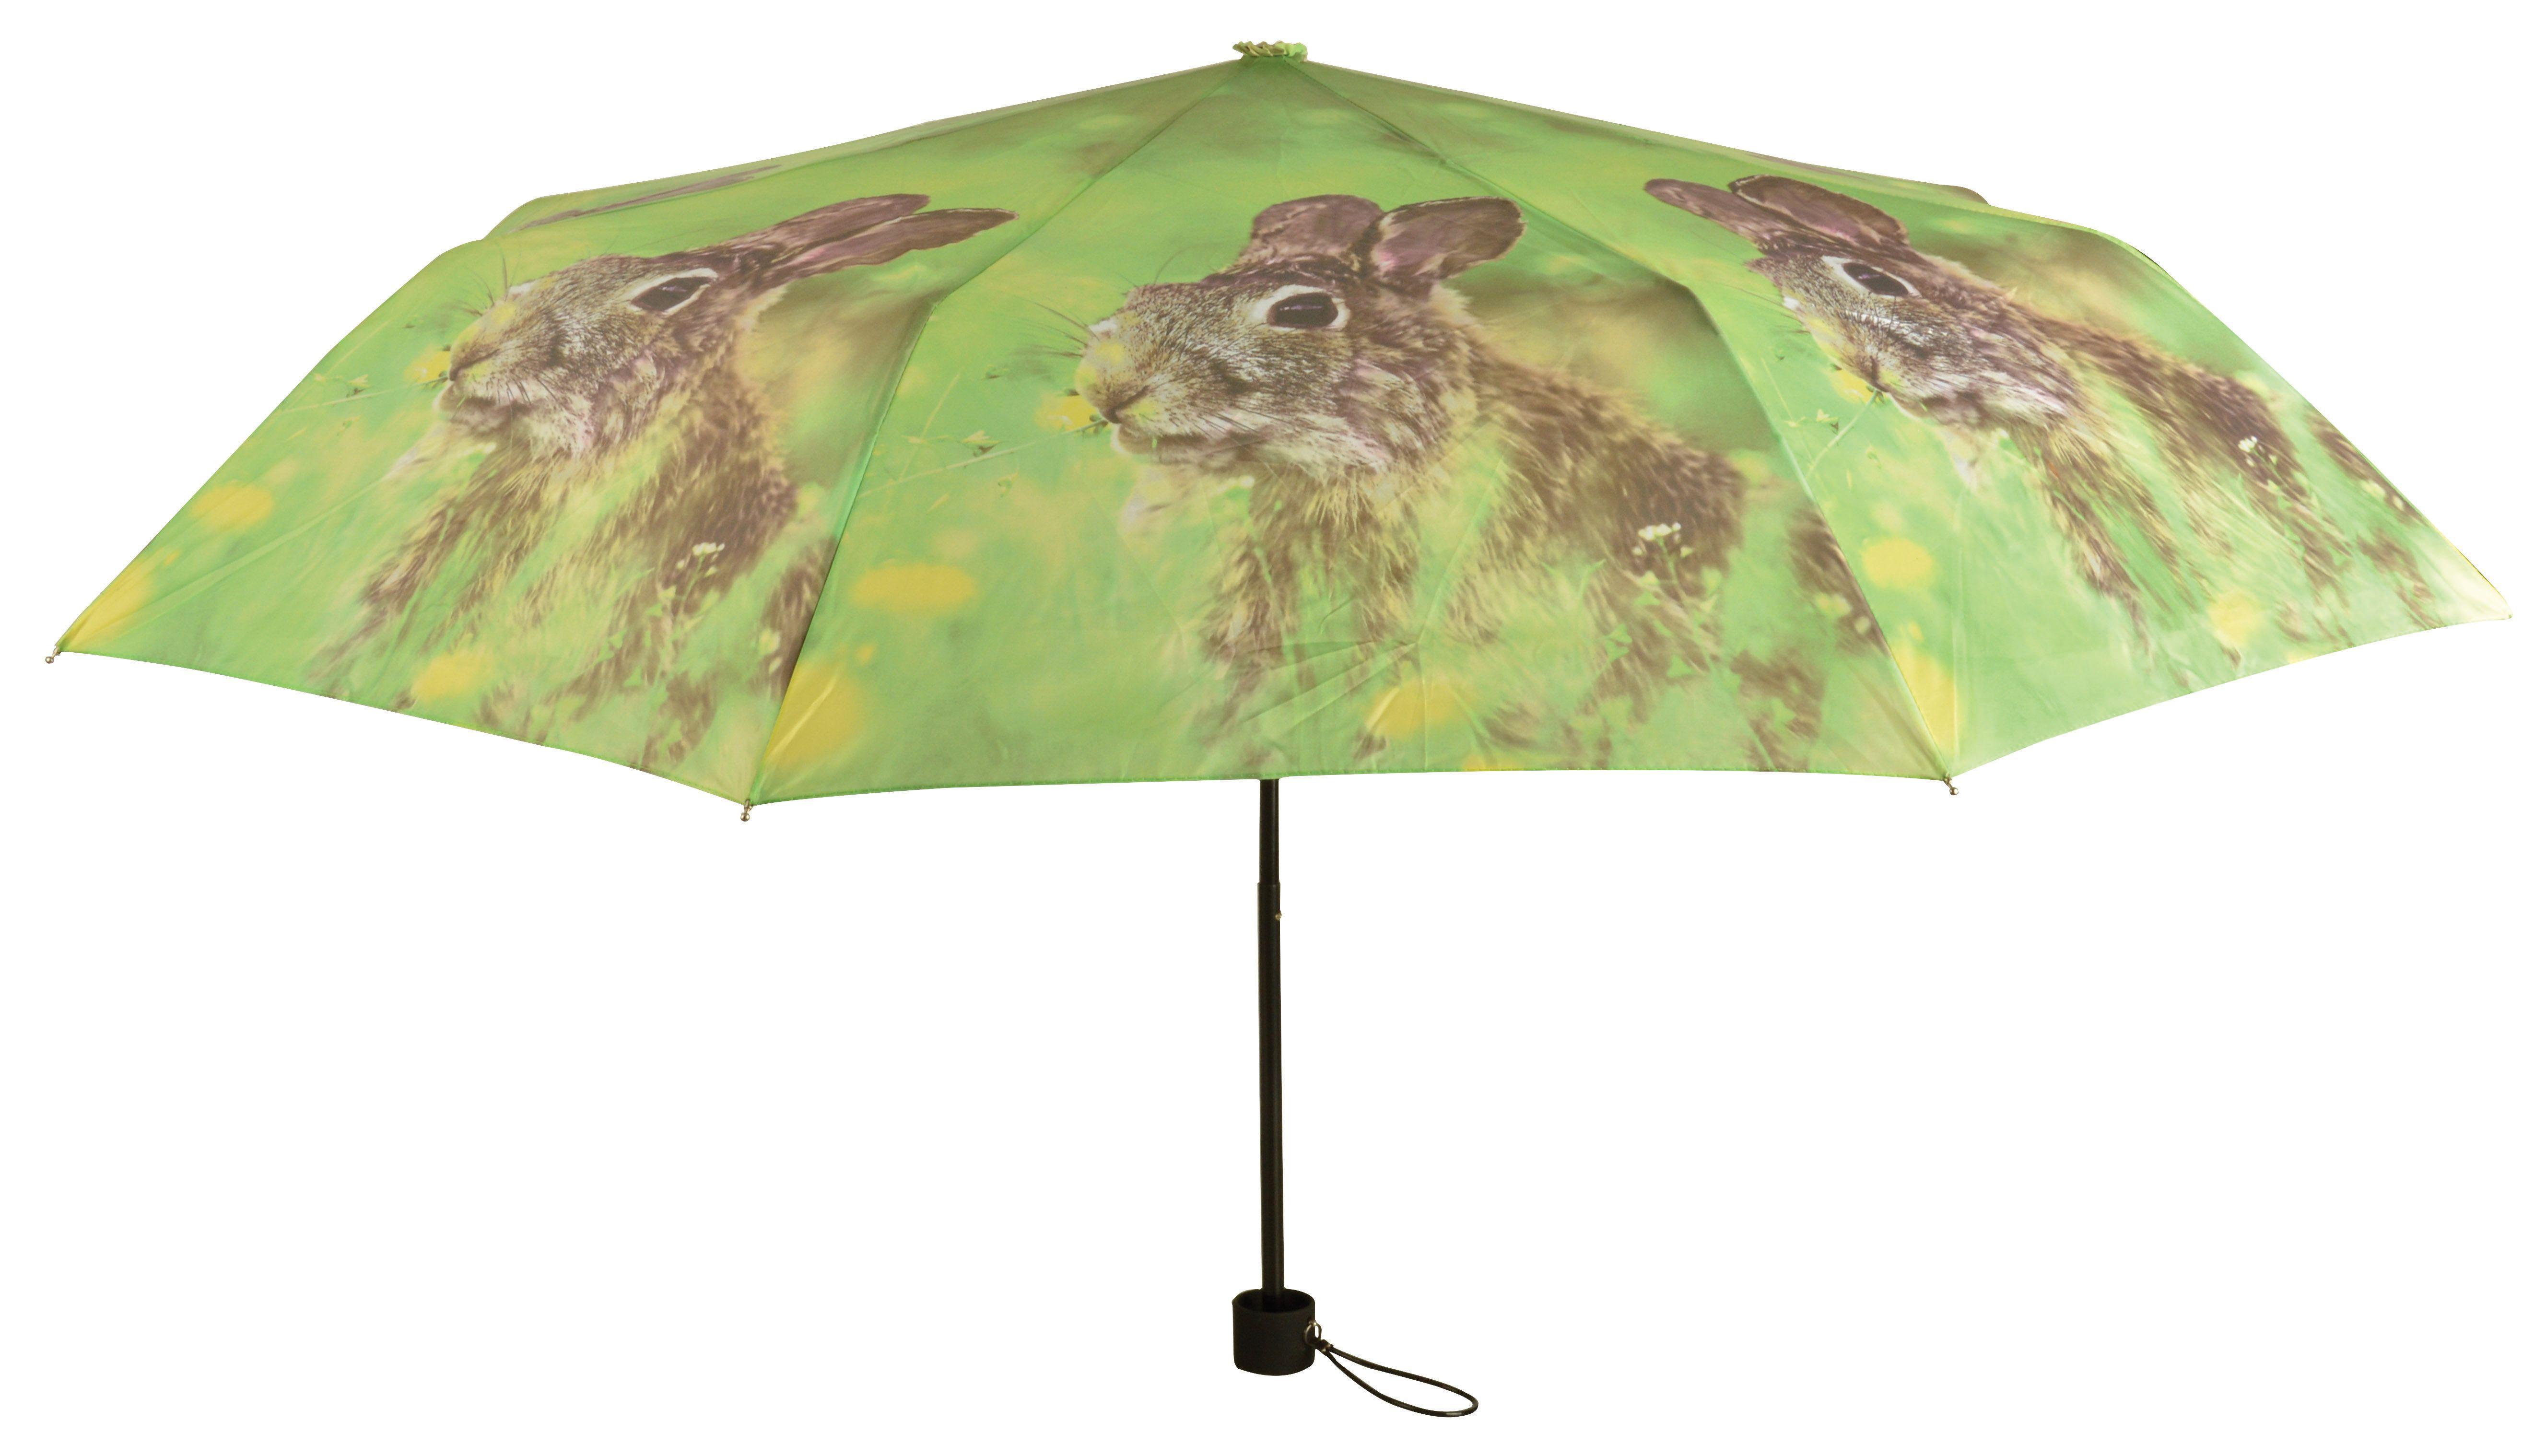 De TP151 van Esschert Design, een opvouwbare paraplu met een afbeelding van een konijn. Te koop bij www.robanjer.nl